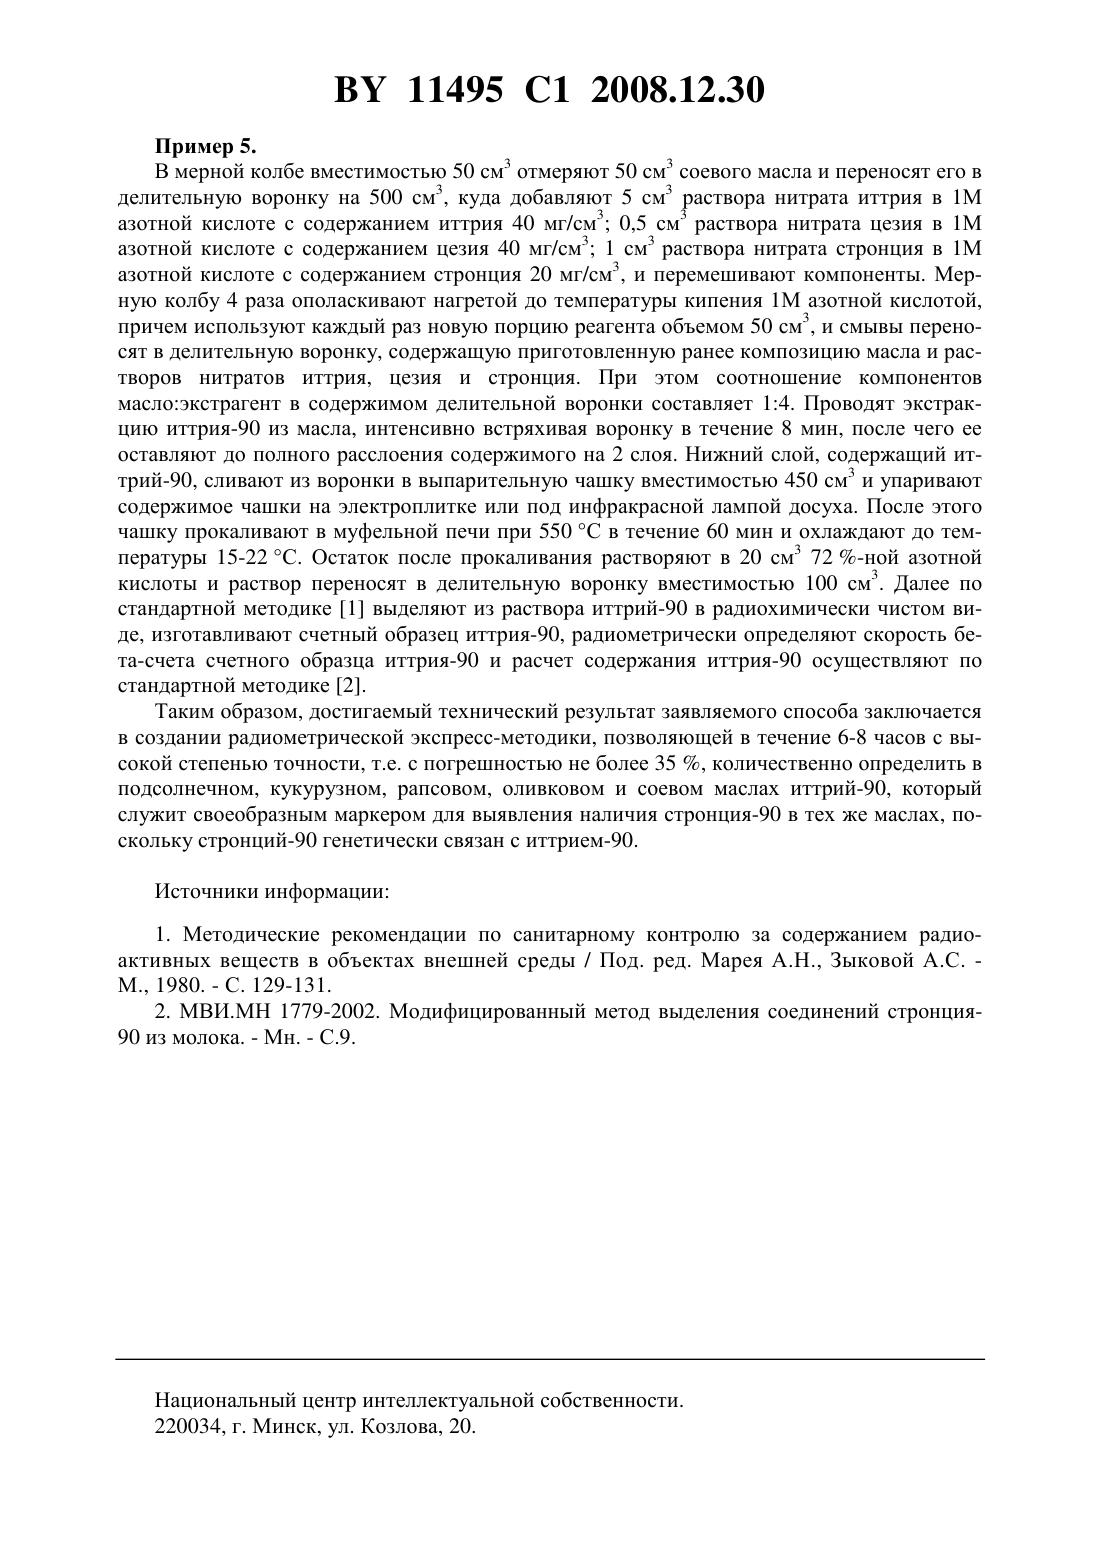 Иттрий-90